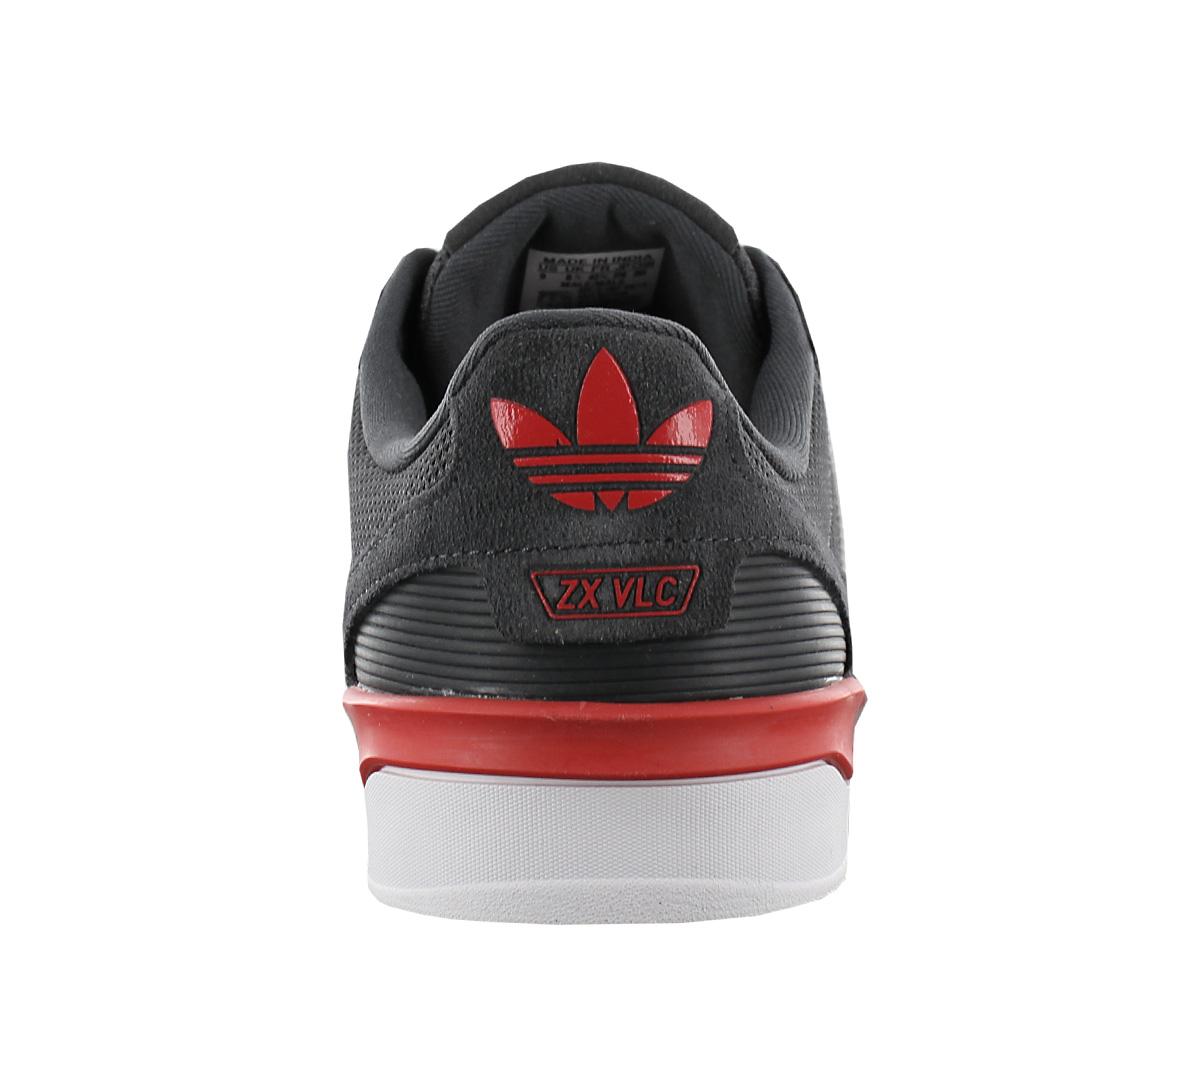 2cfc6ad88dd4d NEW adidas Originals ZX Vulc B27436 Men  s Shoes Trainers Sneakers ...